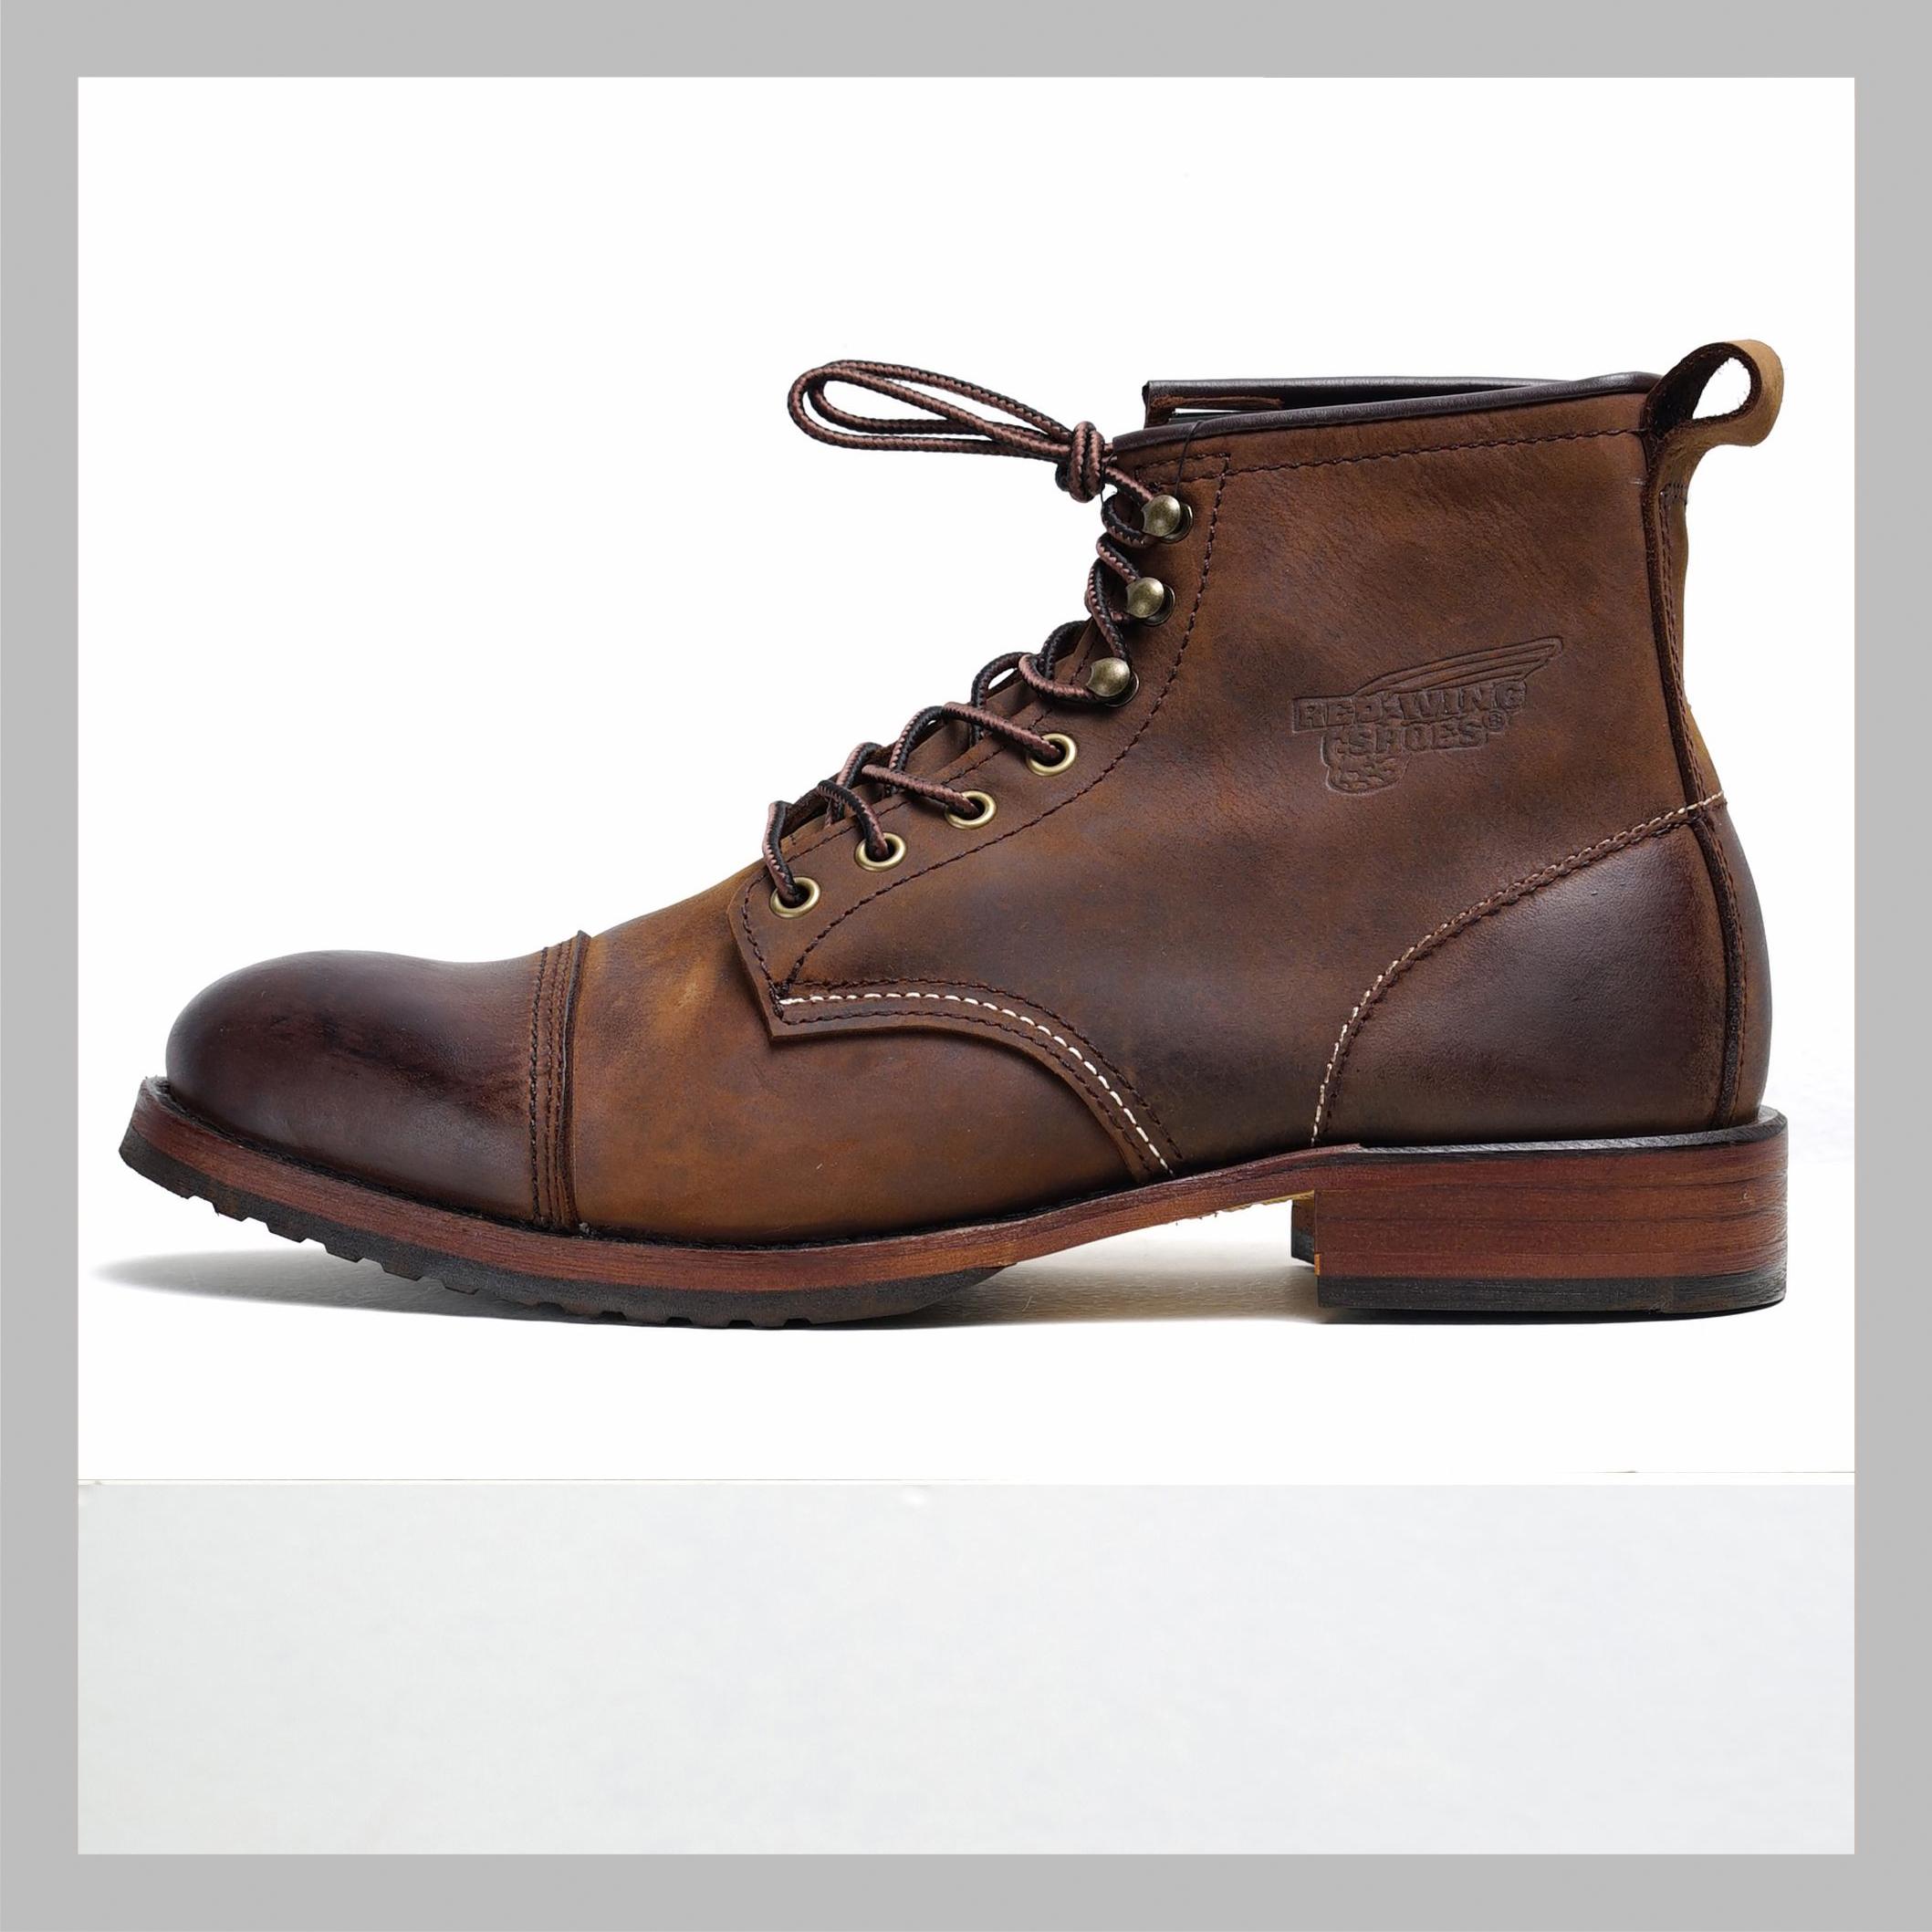 Giày Boot Nam Cao Cổ  FRYE Nâu Da Thật Mũi Tròn Đế Phíp Gỗ Chắc Chắn Phong Cách Đường Phố Biker Bảo Hành 1 Năm